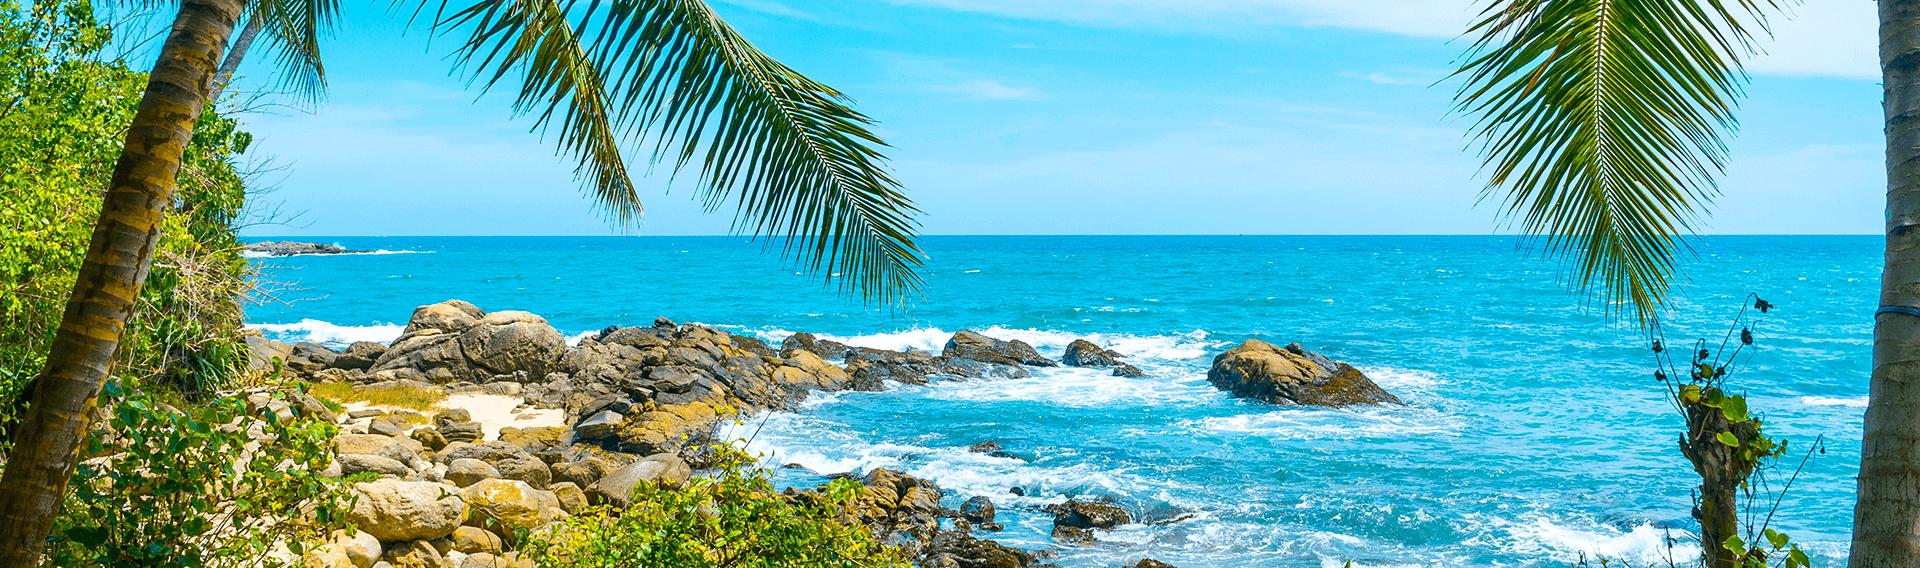 Sri Lanka, océan Indien, plage